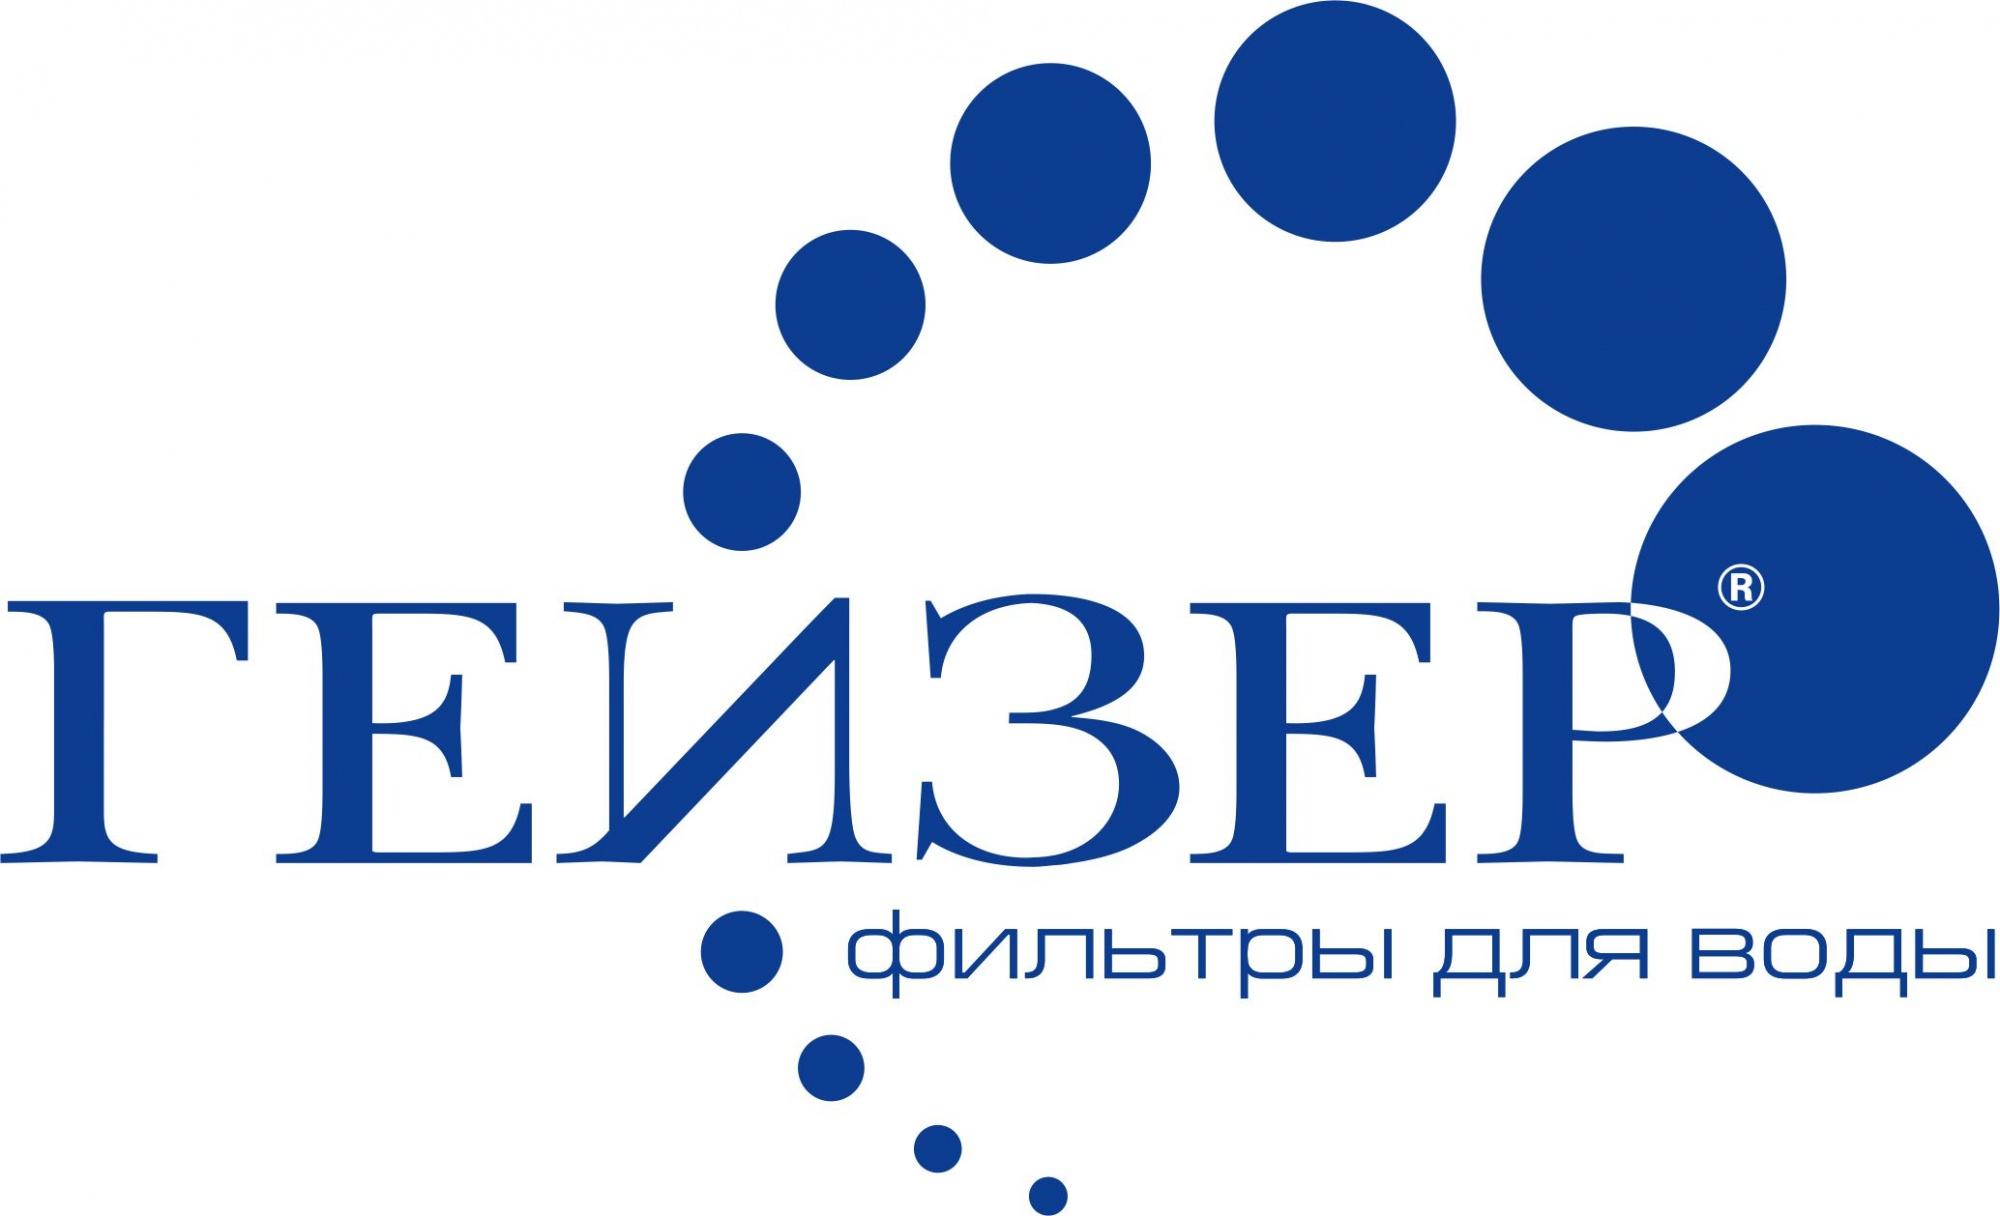 логотип geizer